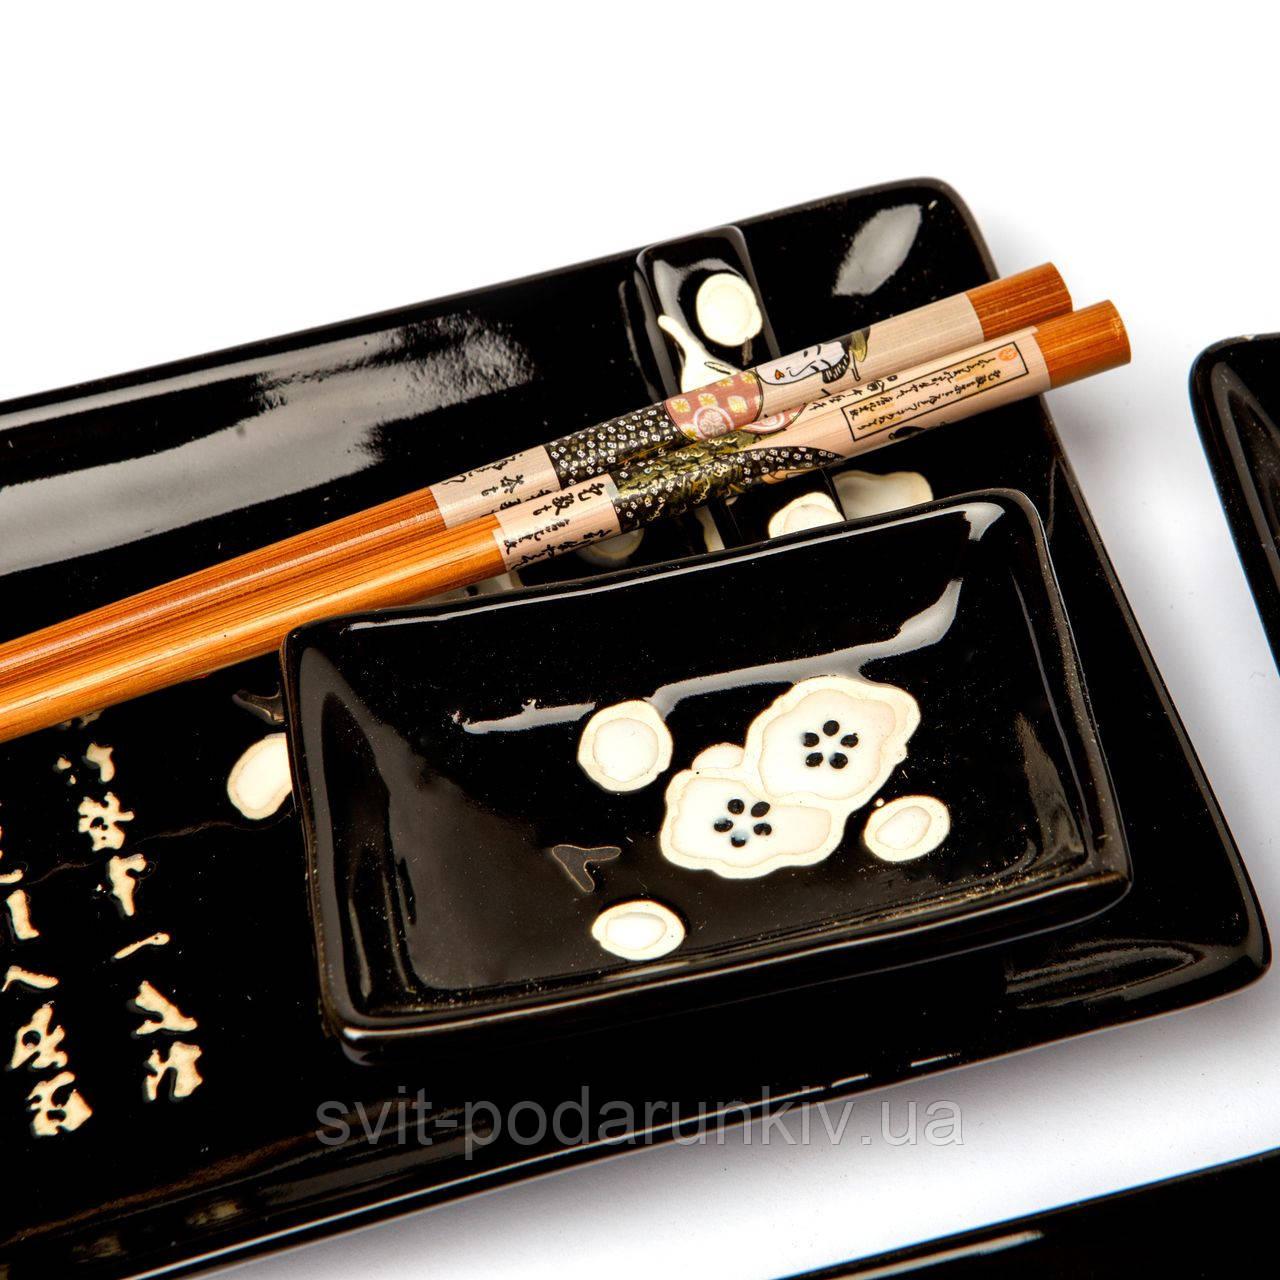 японская посуда для суши